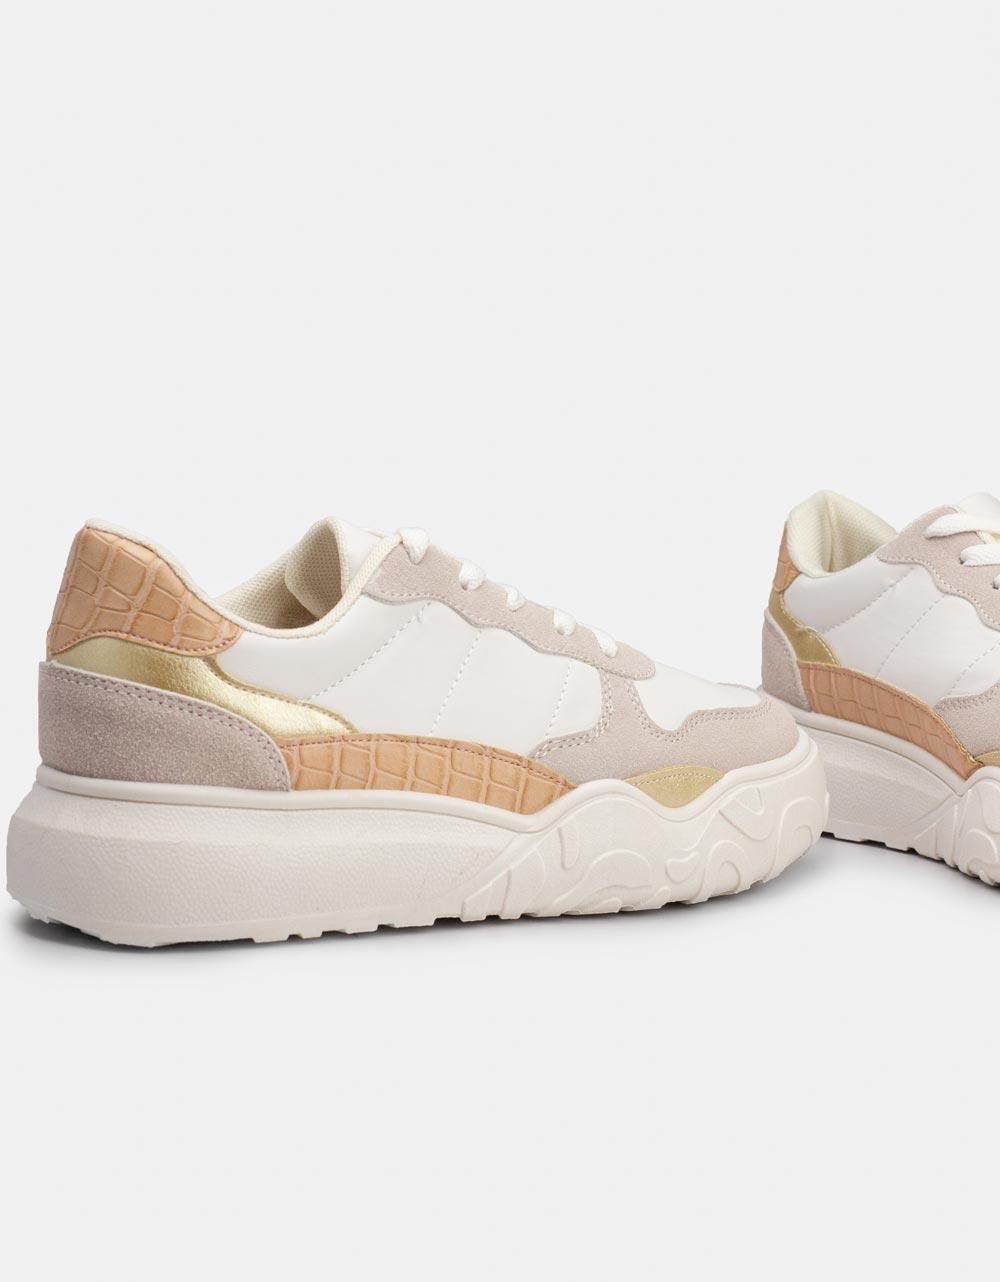 Εικόνα από Γυναικεία sneakers με διάτρητο σχέδιο Μπεζ